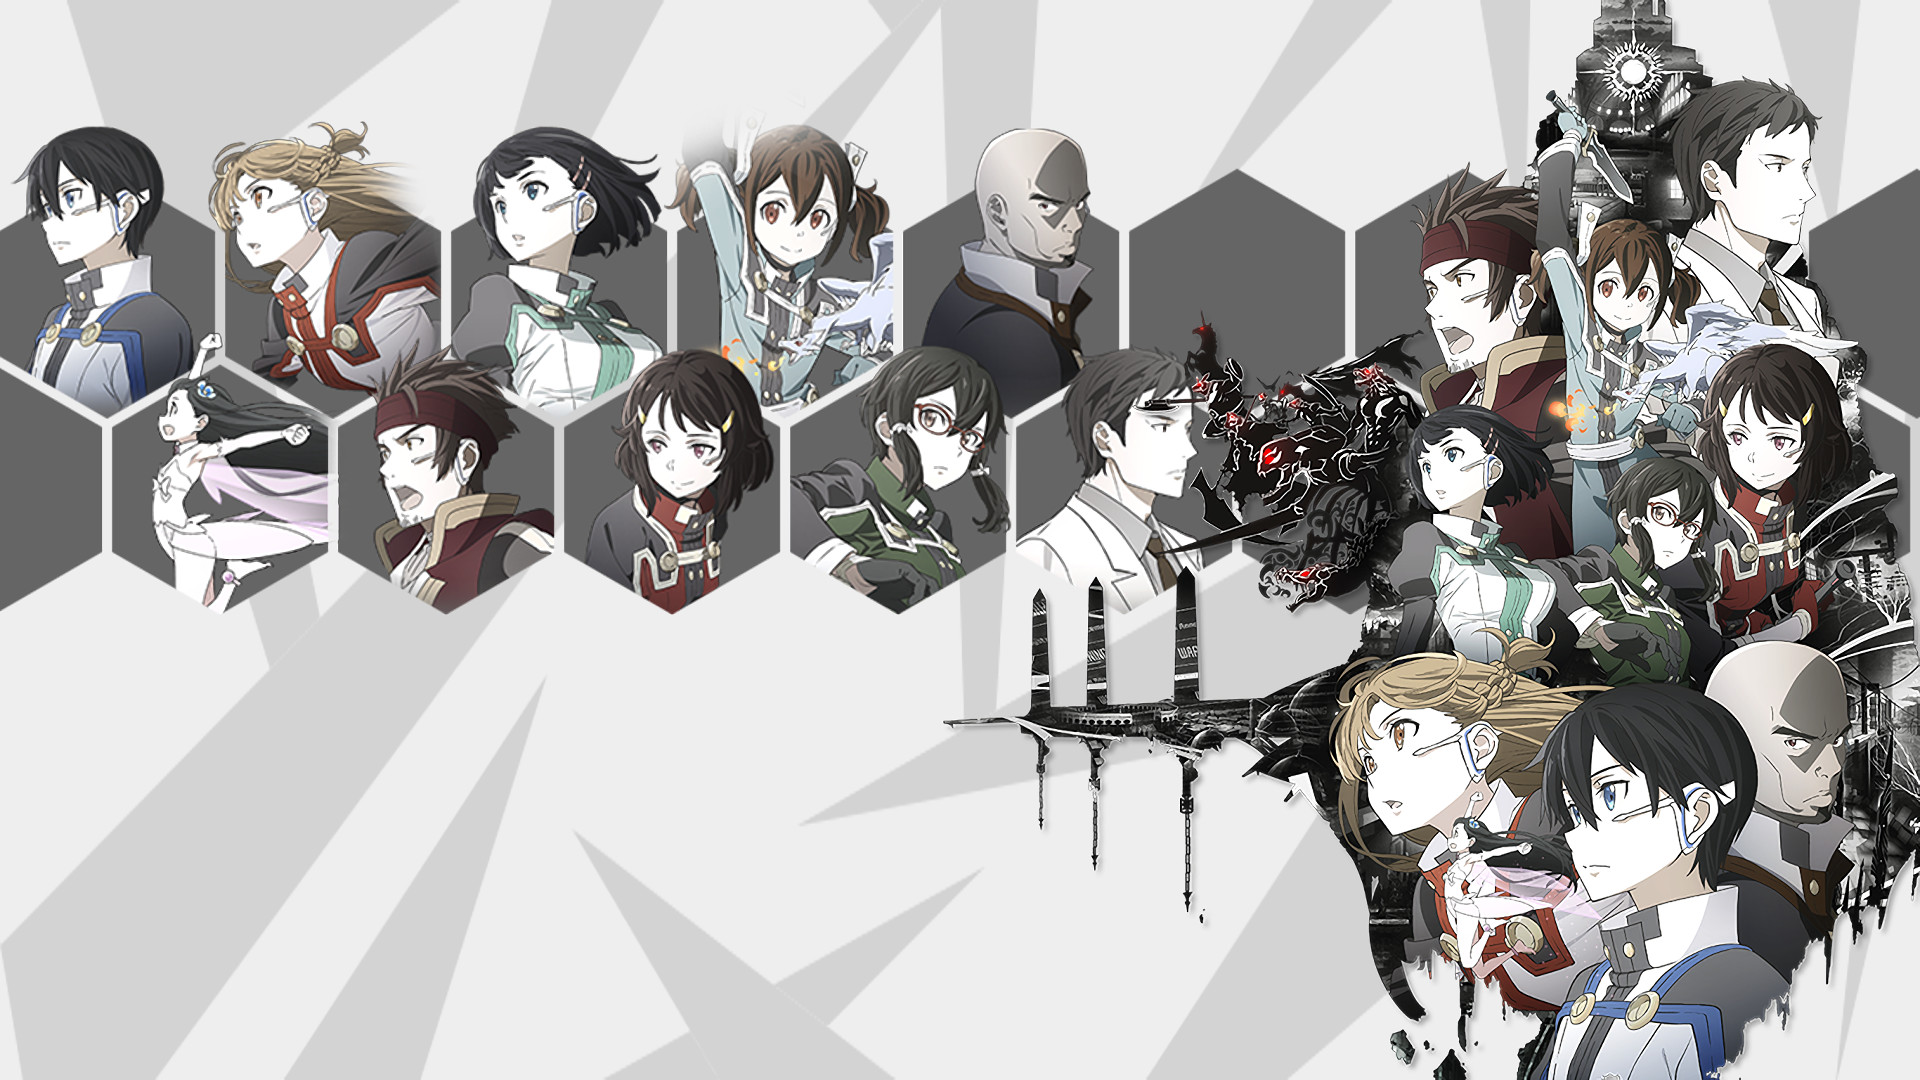 Sword Art Online Wallpaper Hd 80 Images